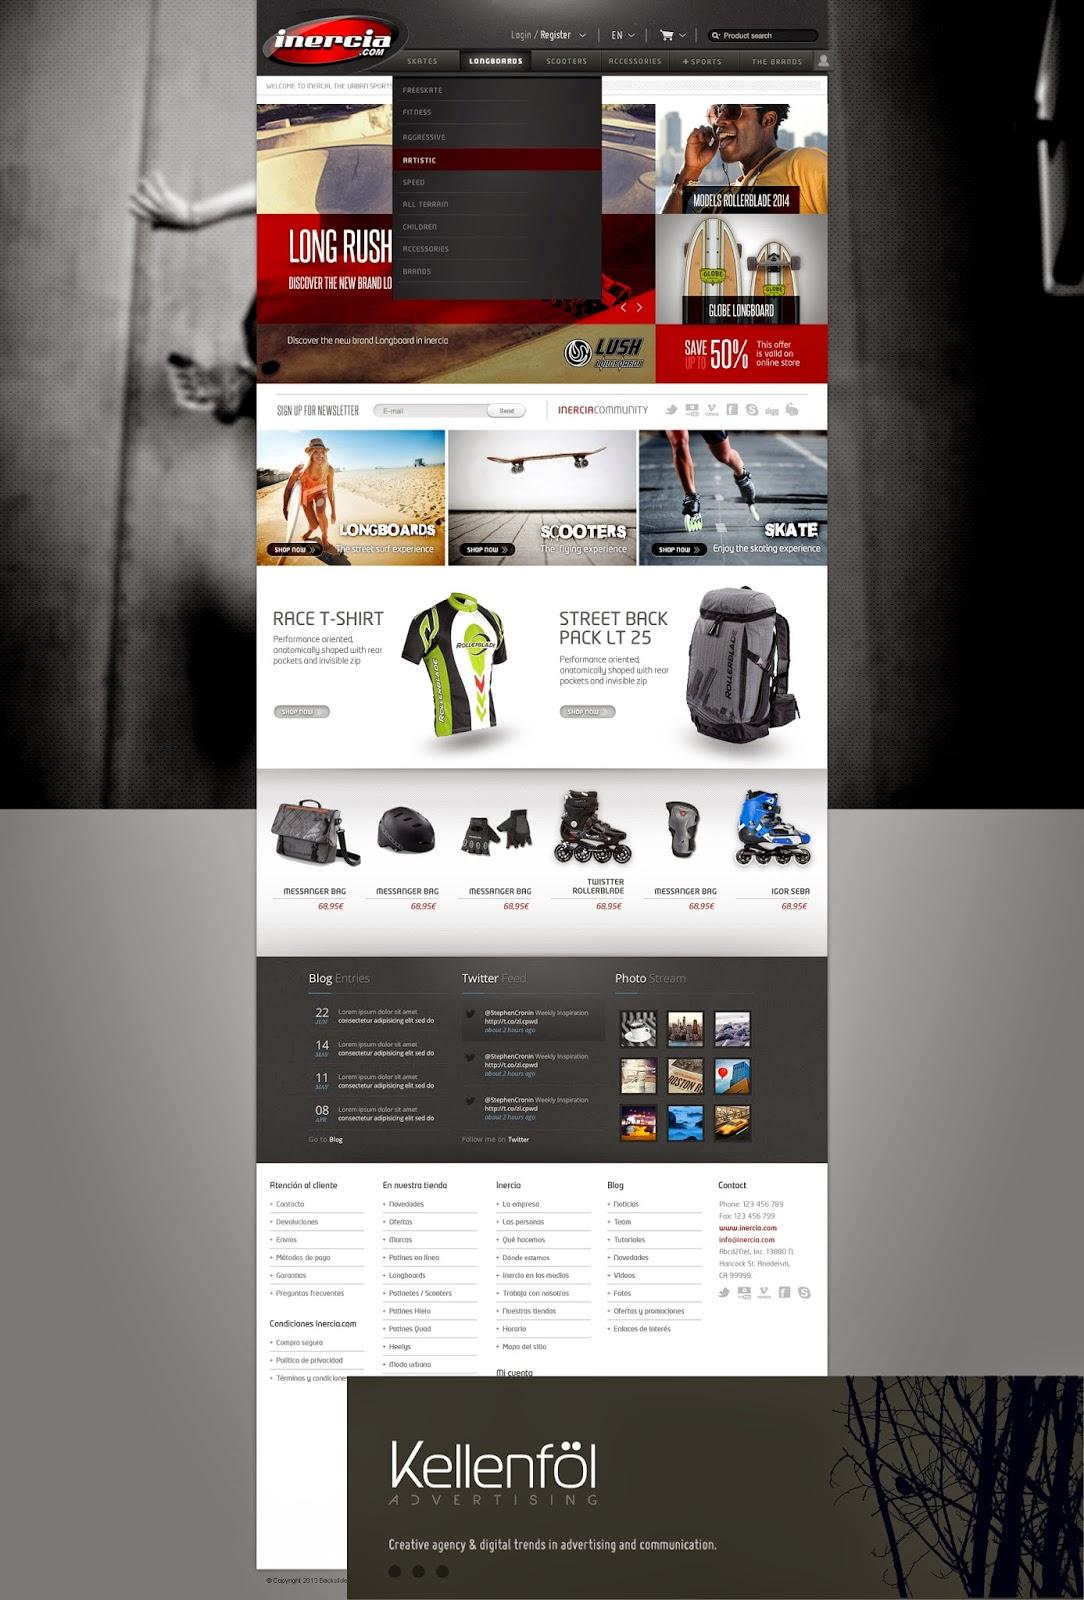 Kellenföl Agencia Publicidad Barcelona // Inercia patines web diseño